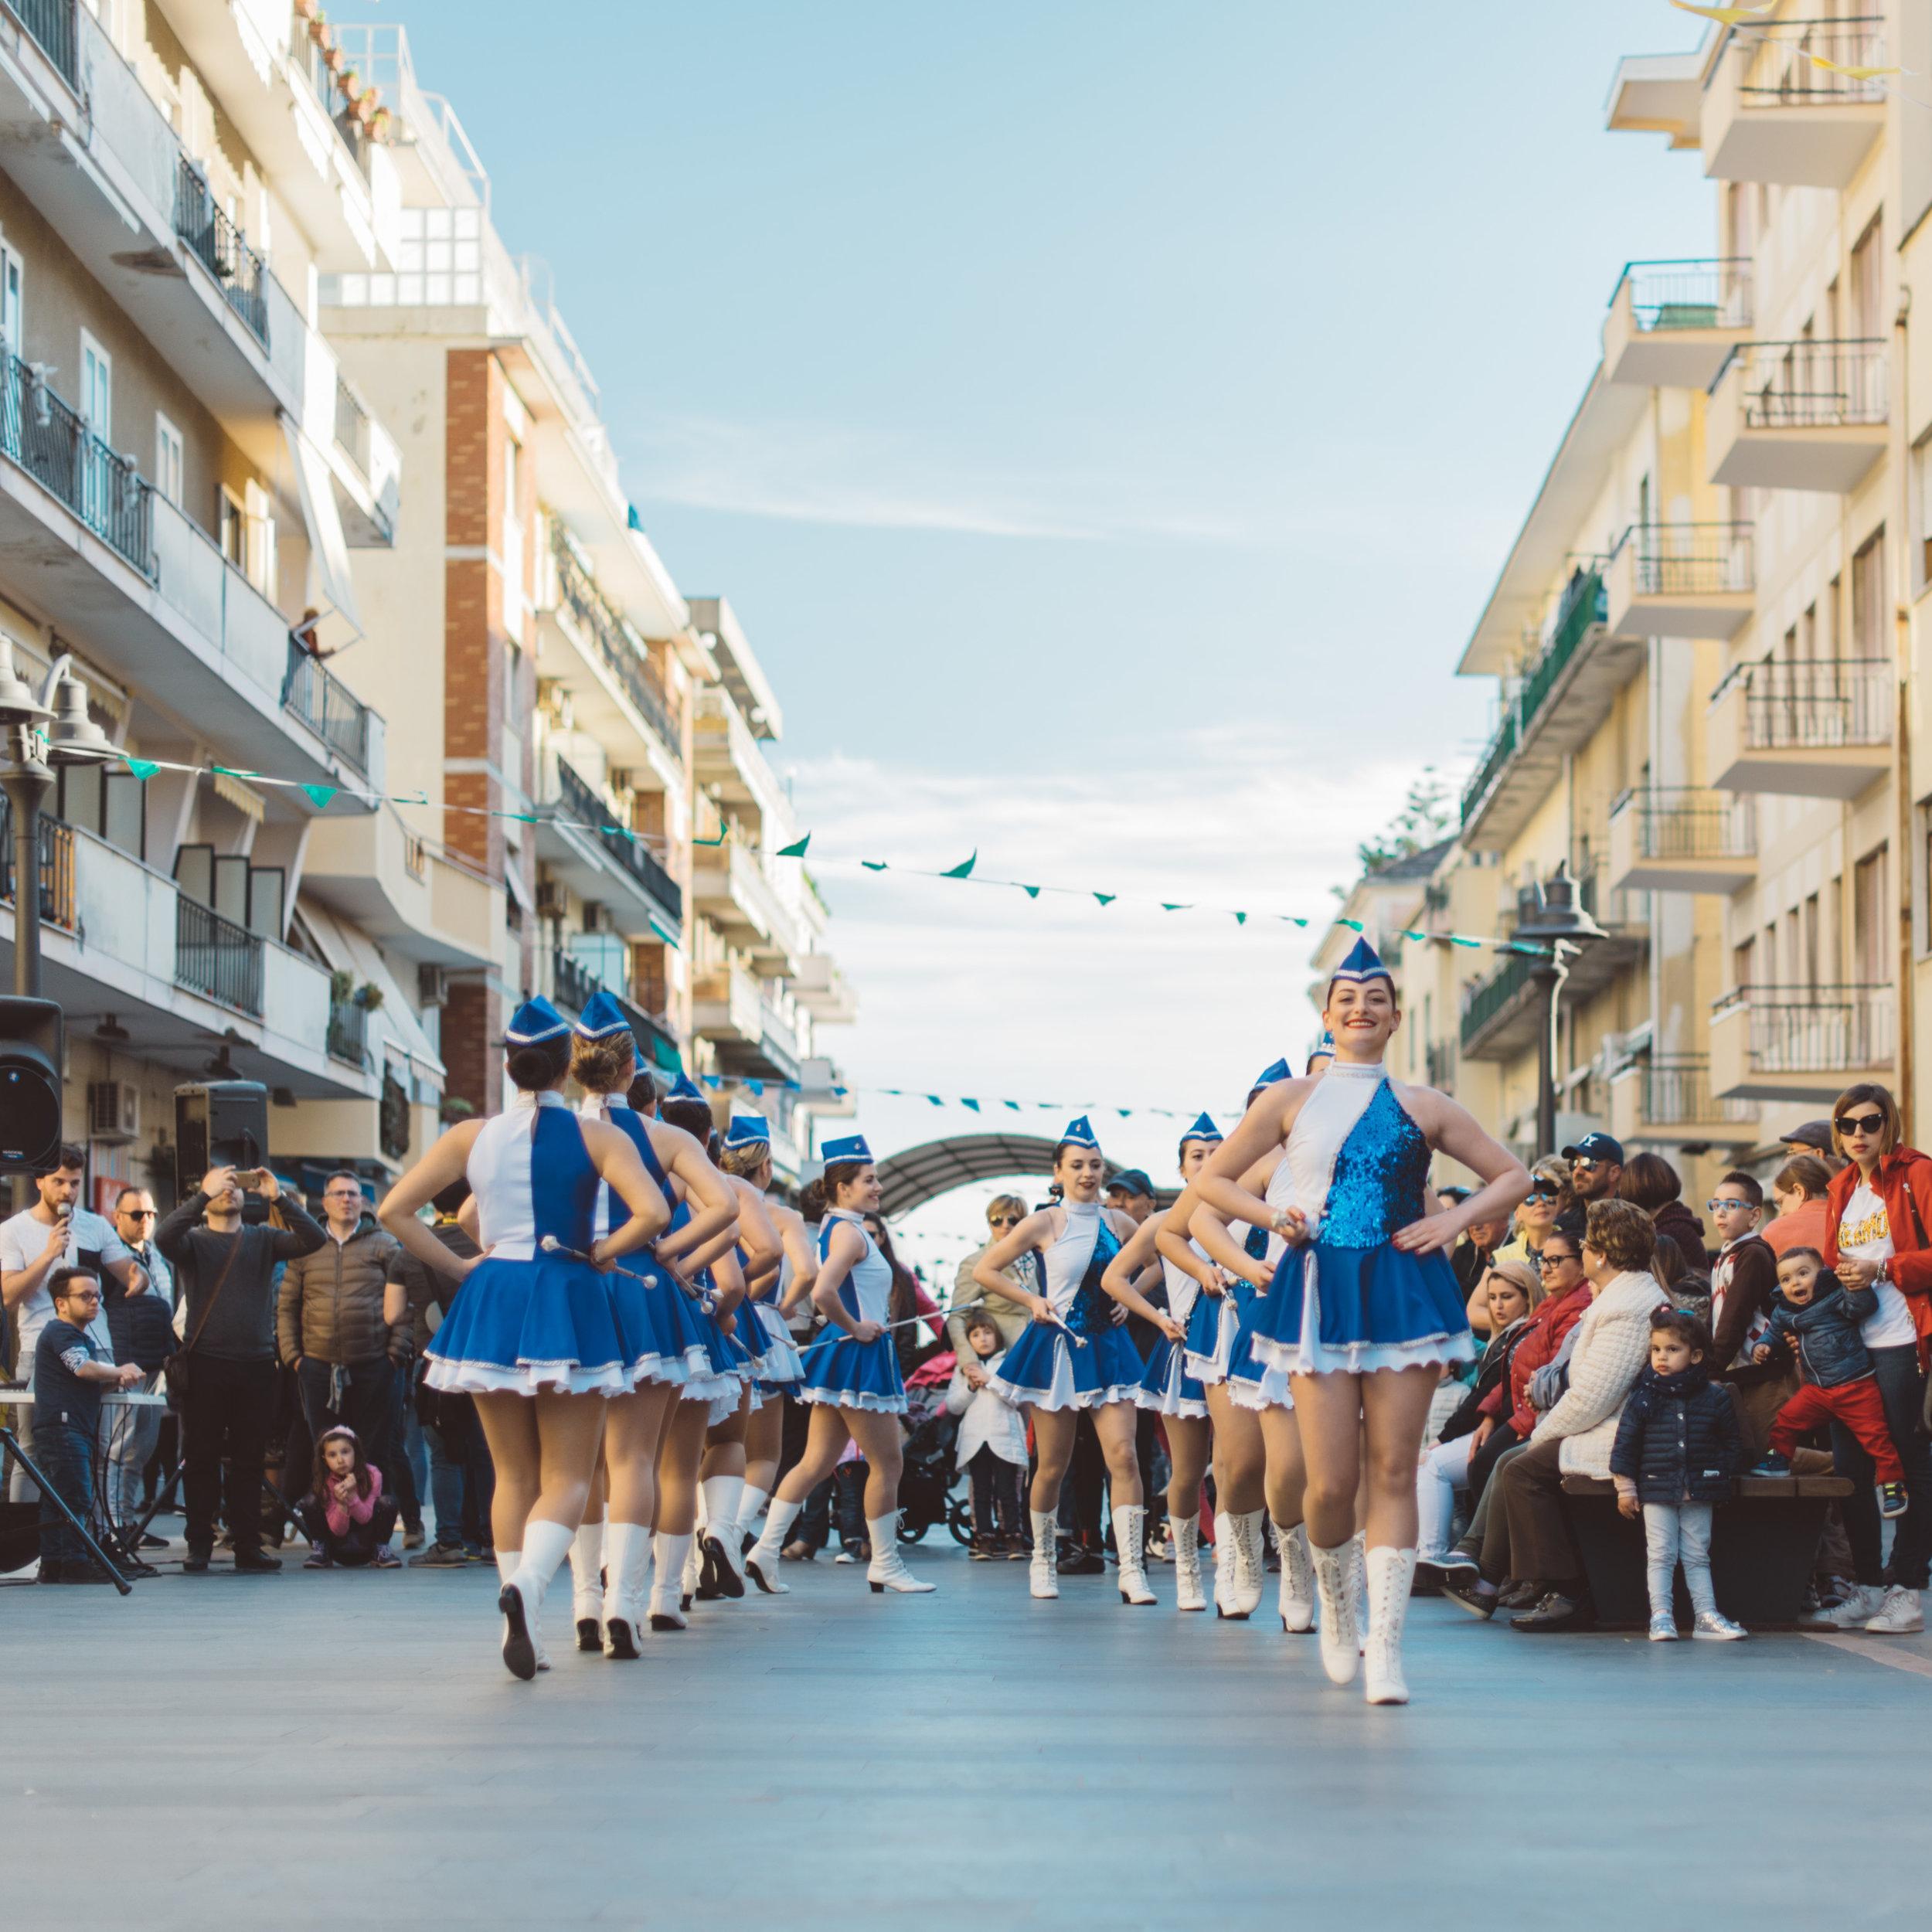 The Sailors Majorettes during a performance in Maiori, on the Amalfi Coast.